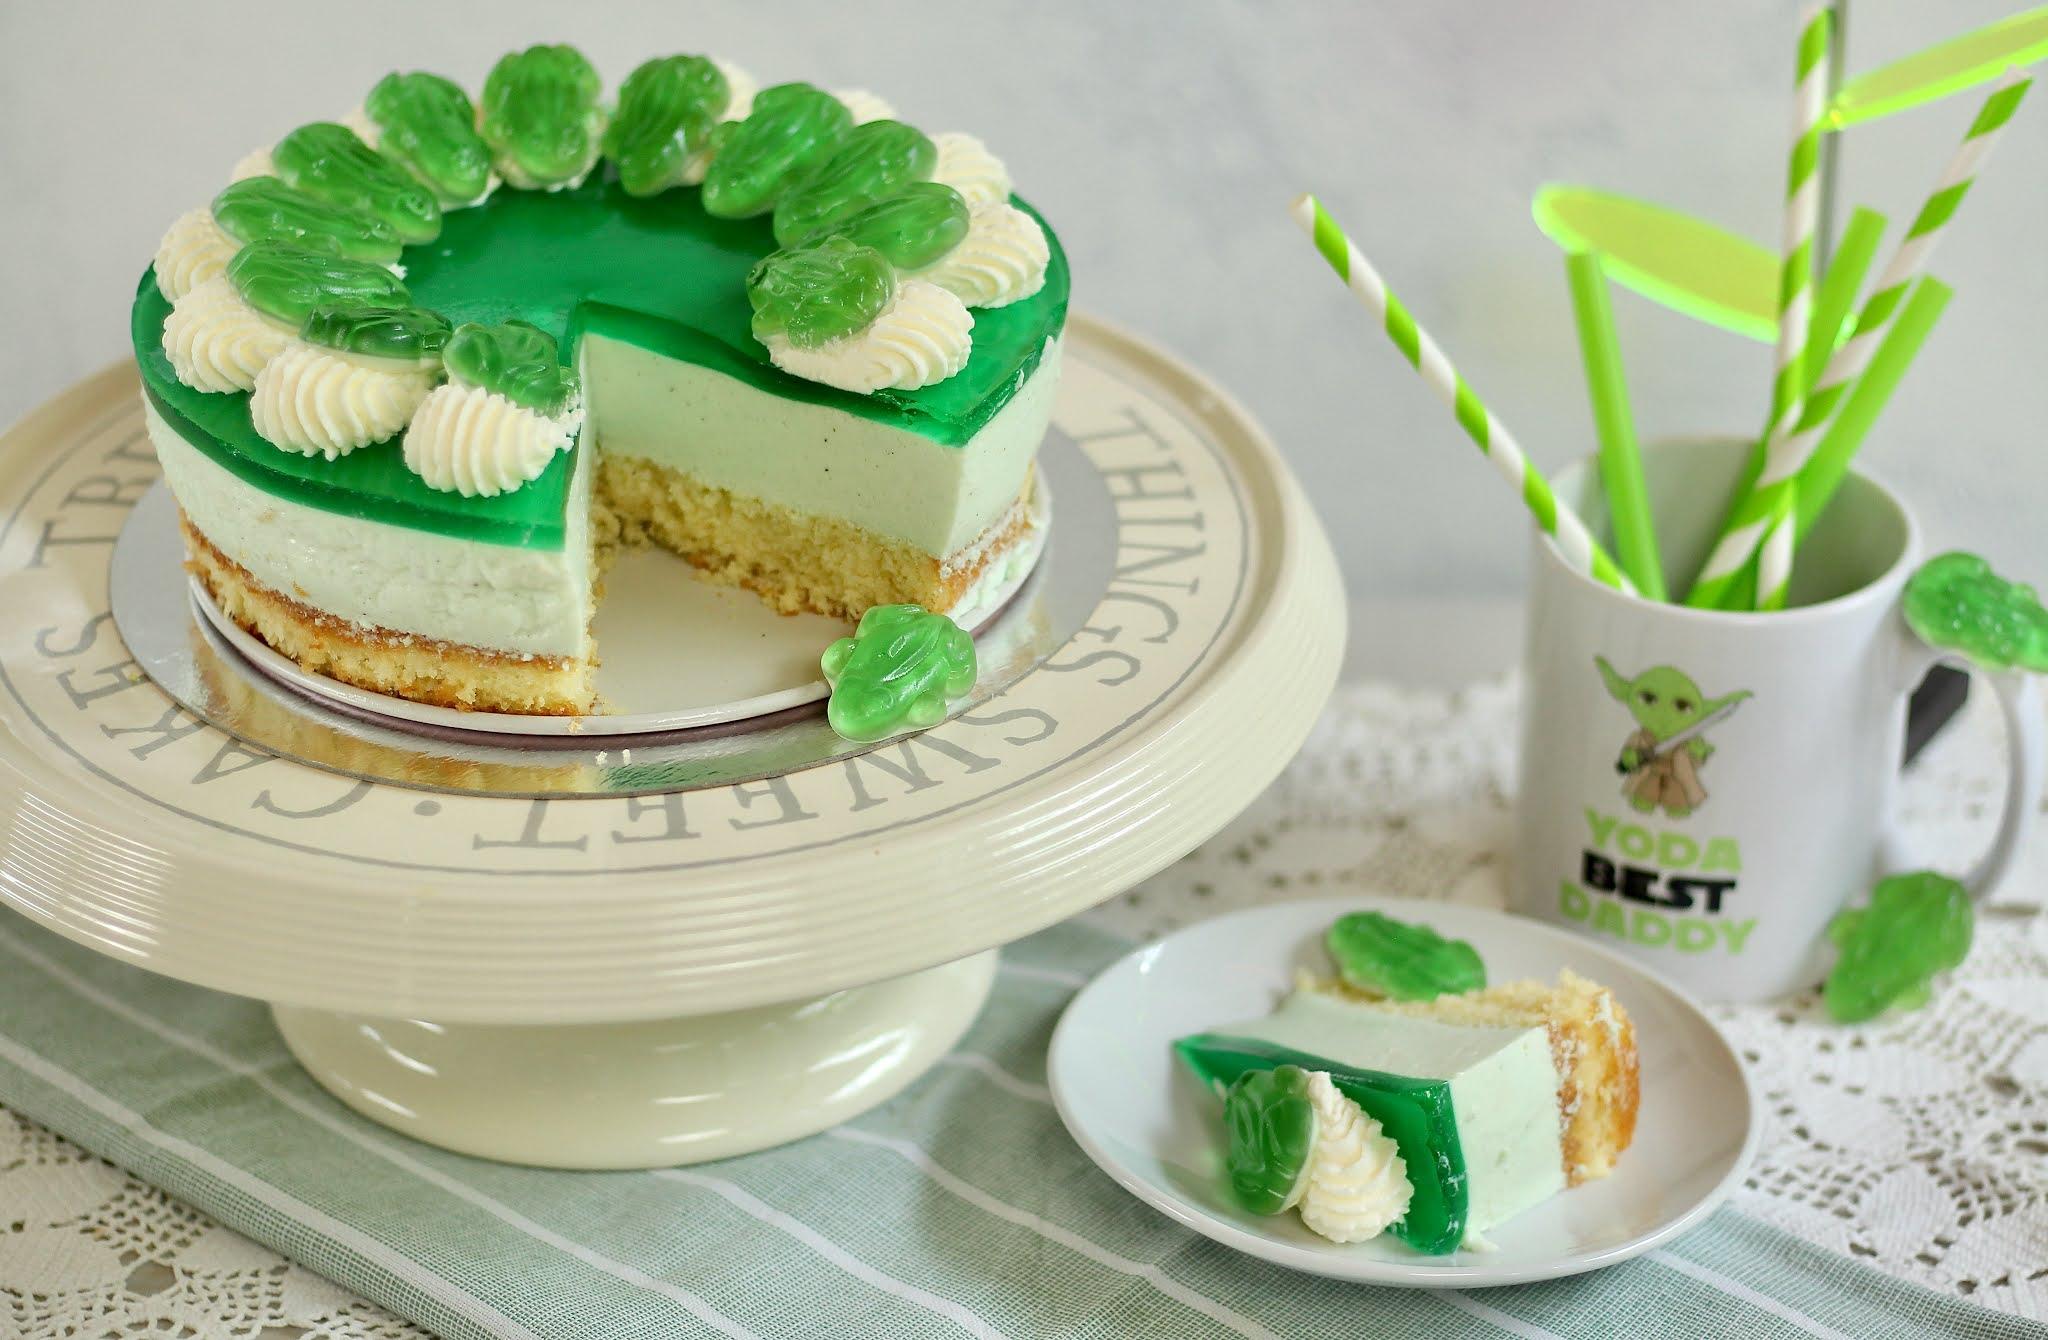 🐸 Fruchtig-cremige Waldmeister-Torte mit allerbestem Obstboden, Sahnehäubchen und Fröschlein 🐸